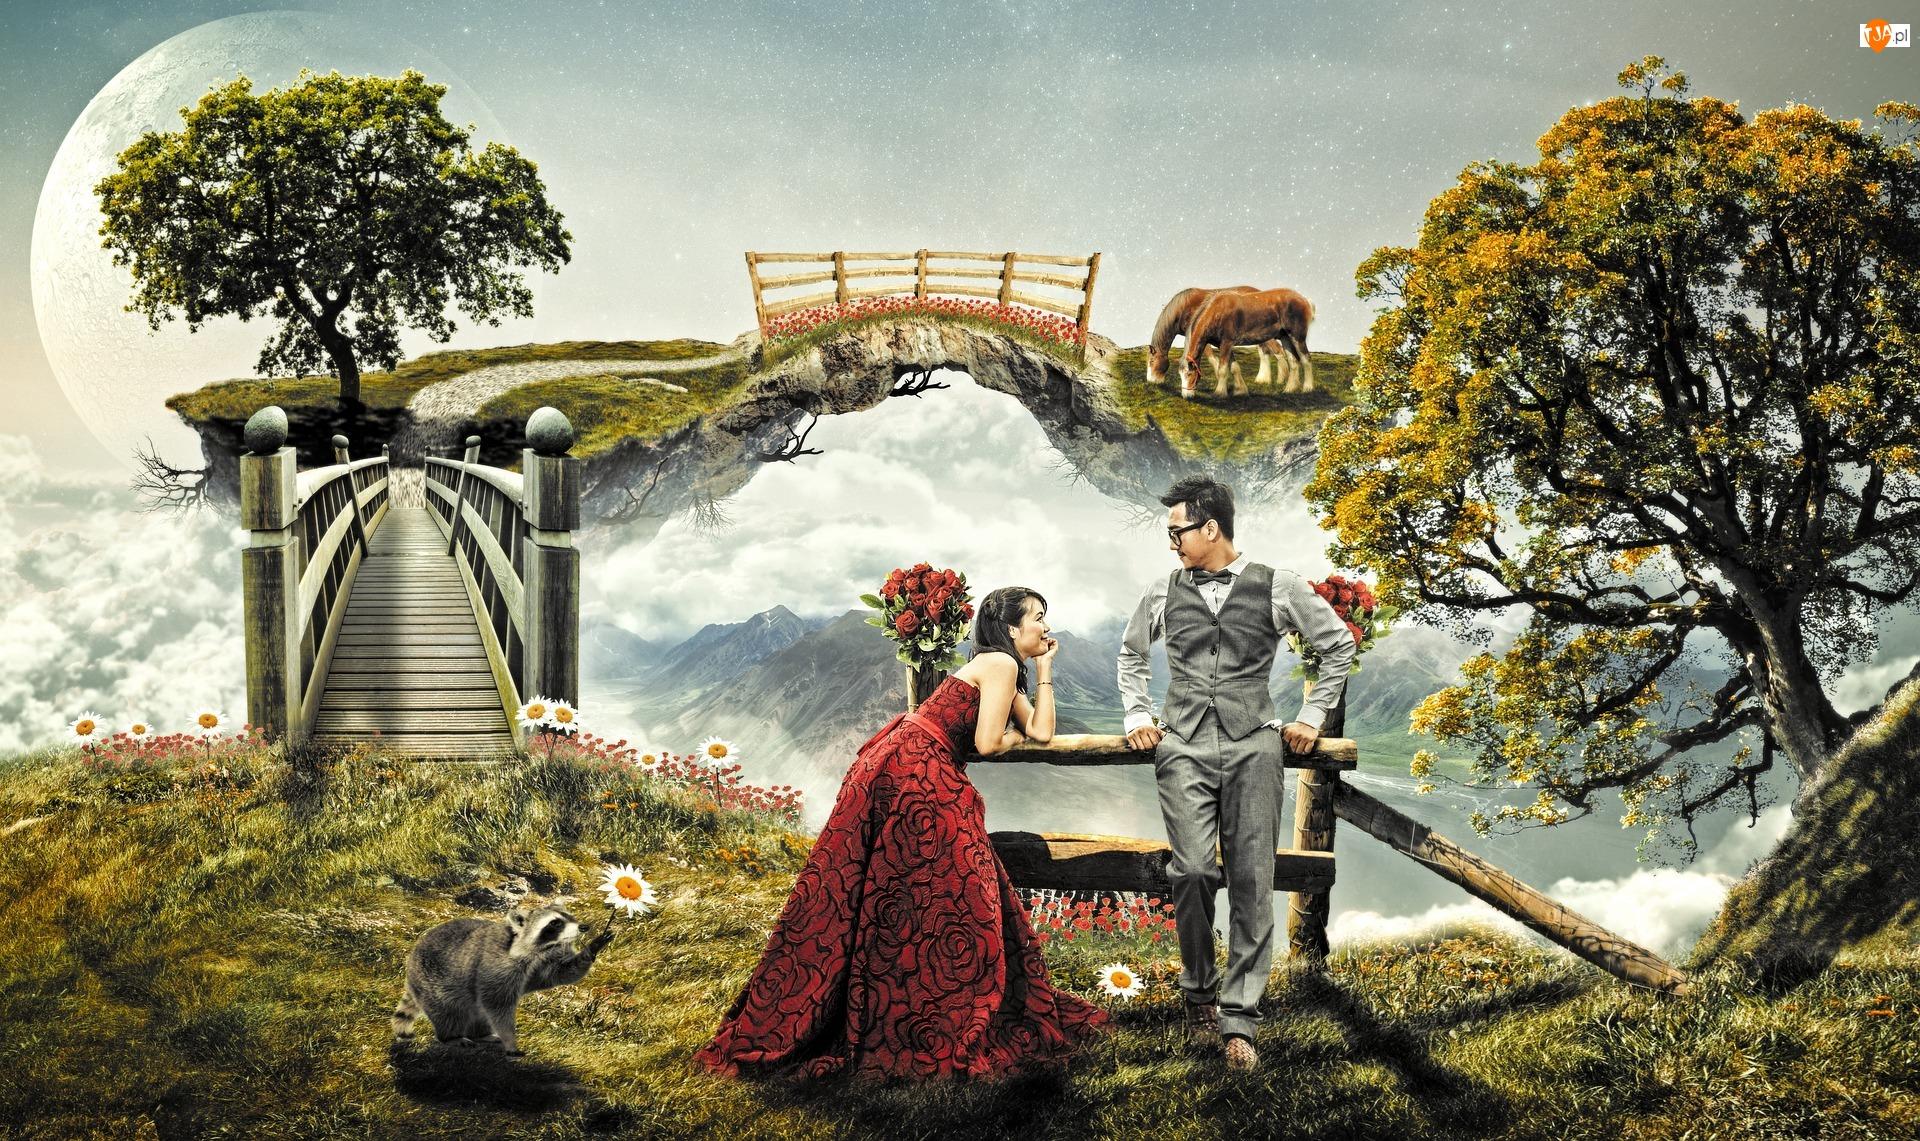 Mężczyzna, Most, Fantasy, Chmury, Kobieta, Drzewa